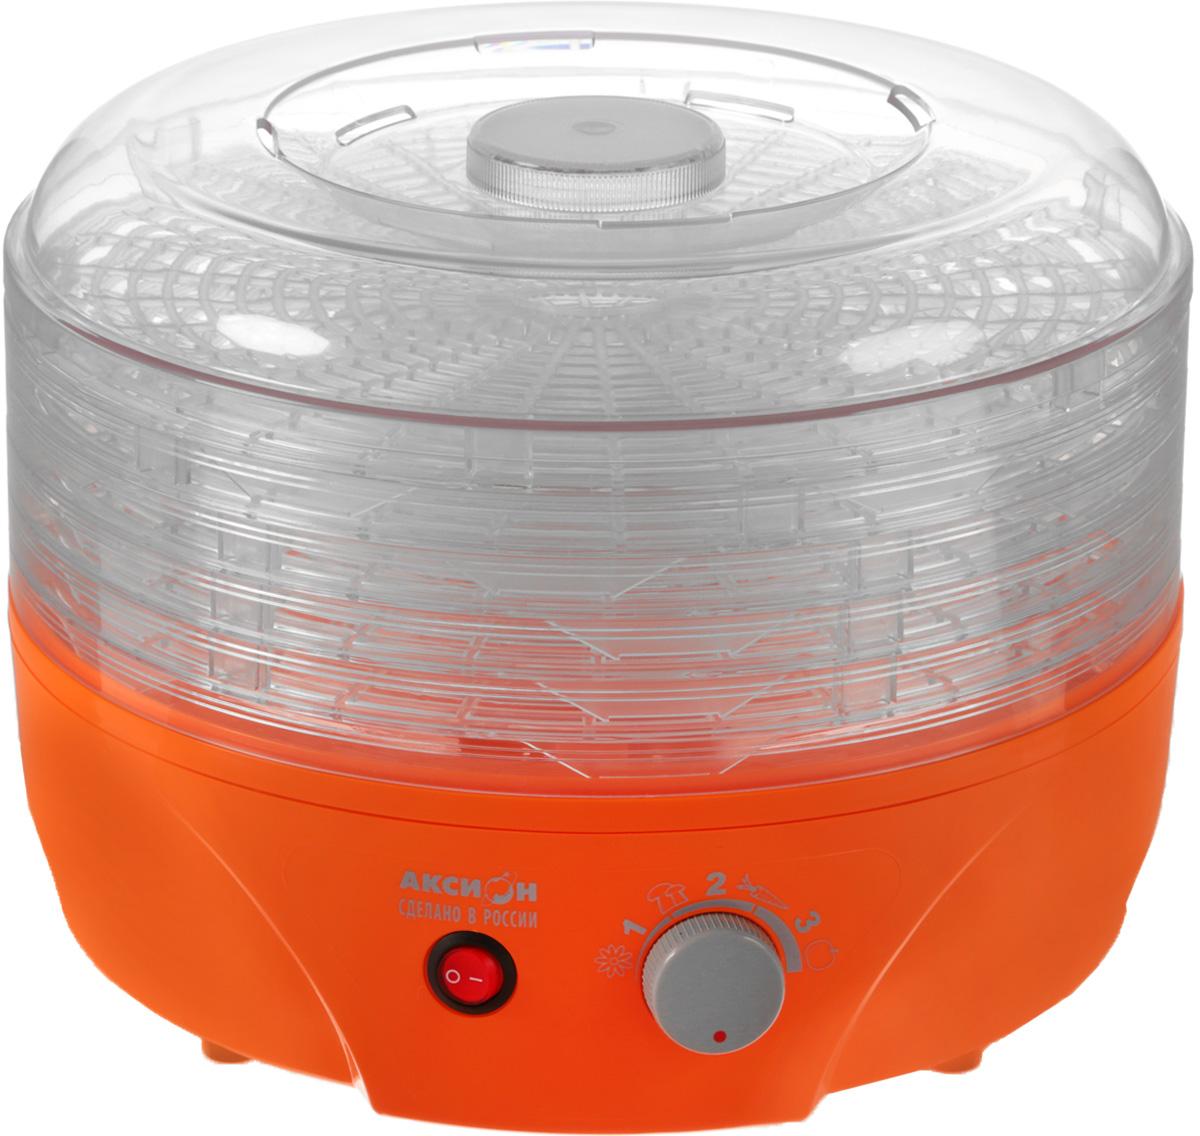 Аксион Т33, Orange сушилка для овощейАксион Т-33Сушилка для овощей и фруктов Аксион Т-33 - отличное решение для заготовок овощей и фруктов. Благодаря 5 съемным регулируемым по высоте прозрачным секциям вы с легкостью сможете сушить одновременно не только фрукты или овощи, но и ягоды, травы, грибы. Используя регулировку температуры, вы без труда сможете подобрать наиболее оптимальный вариант для сушки. Мощный электродвигатель с вентилятором помогут сохранить питательные вещества и обеспечат равномерное обезвоживание ингредиентов.Управление: механическоеМатериал корпуса: пластикРегулировка высоты поддона